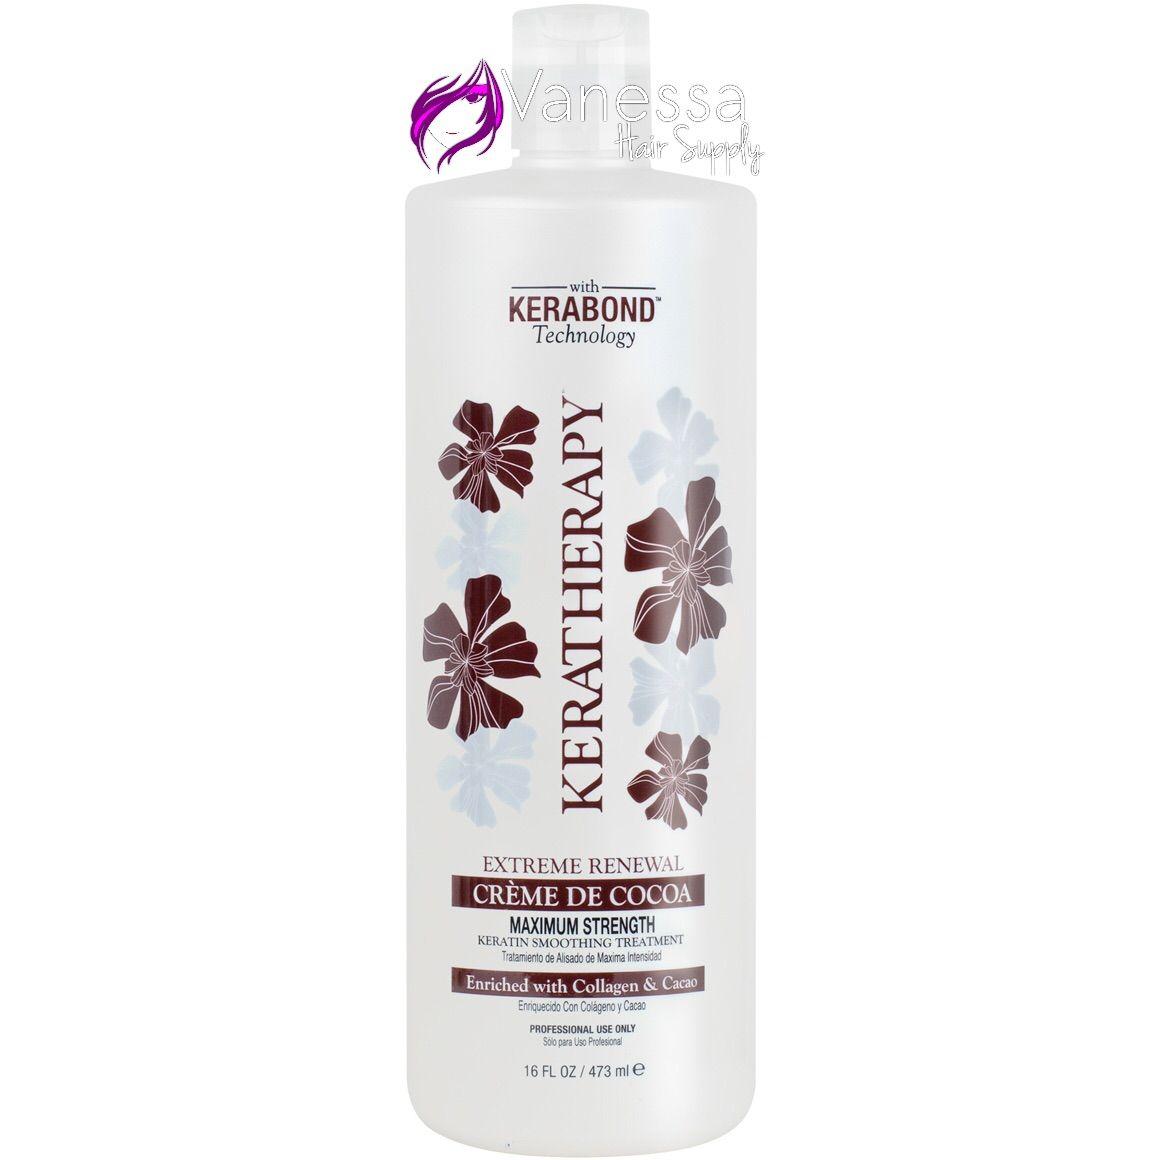 Keratherapy Kit Keratina Extreme Renewal Creme De Cocoa Keratina